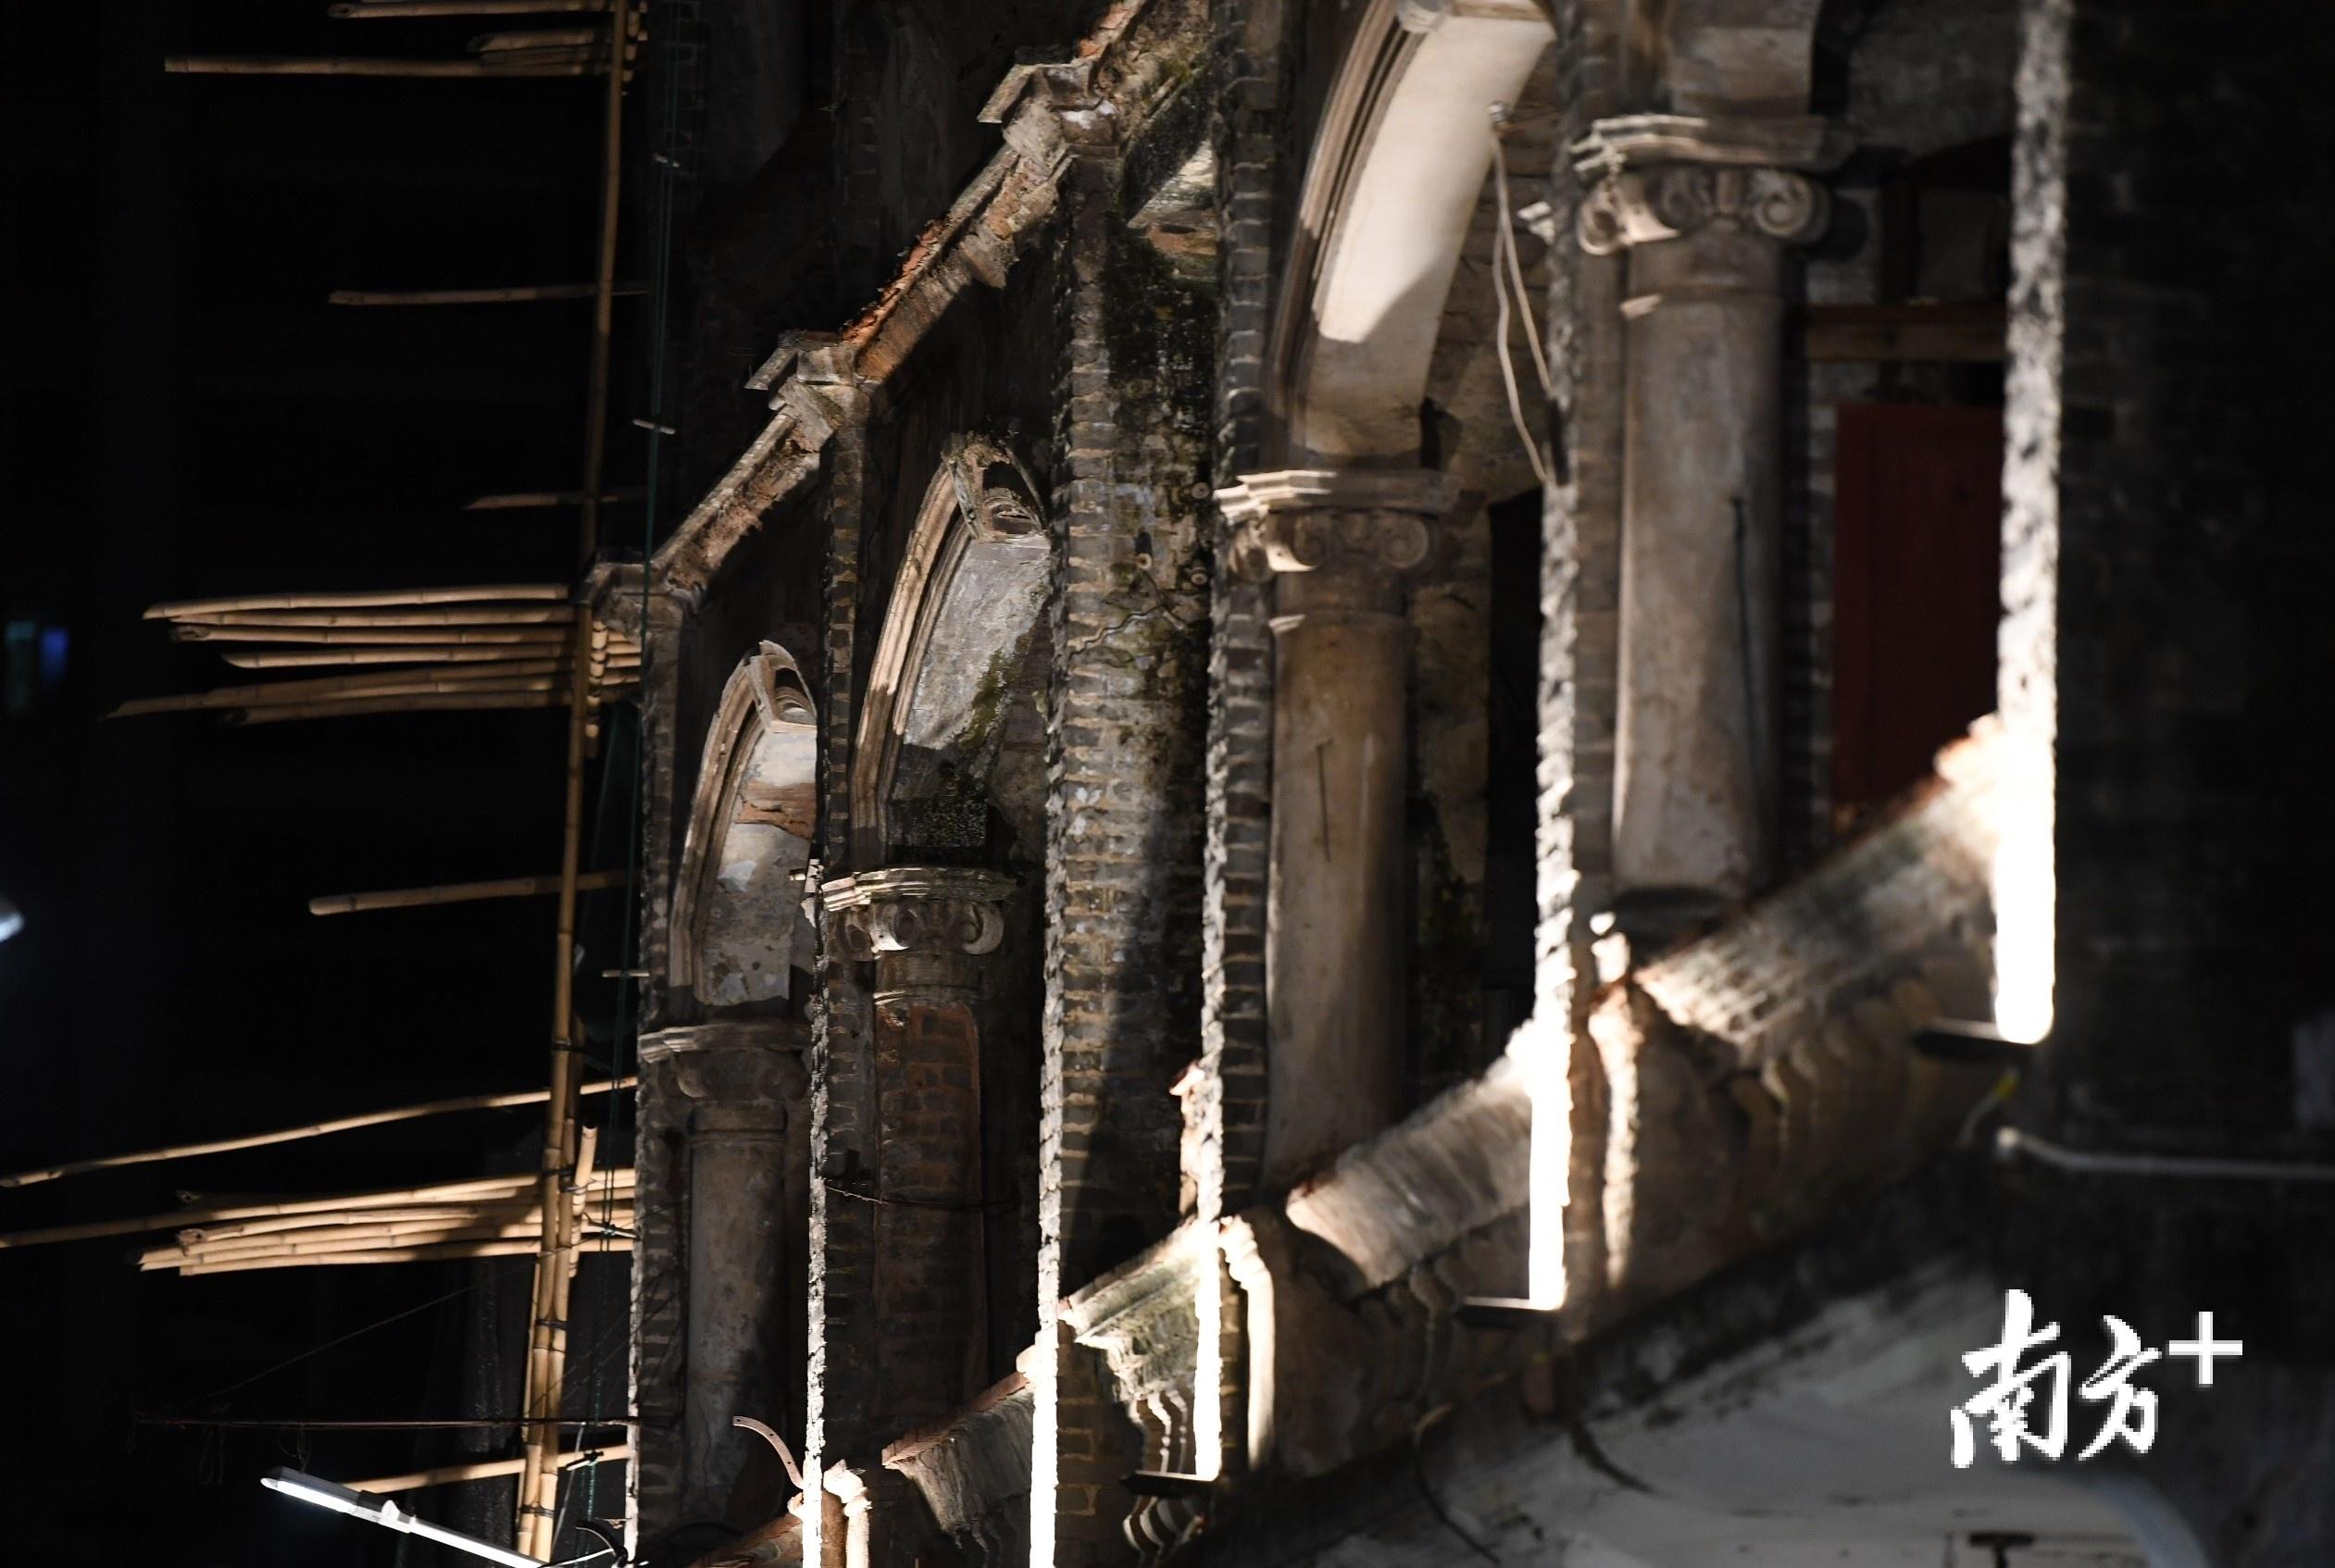 岁月留痕,启明里的修复活化仍在进行中。杨兴乐 摄